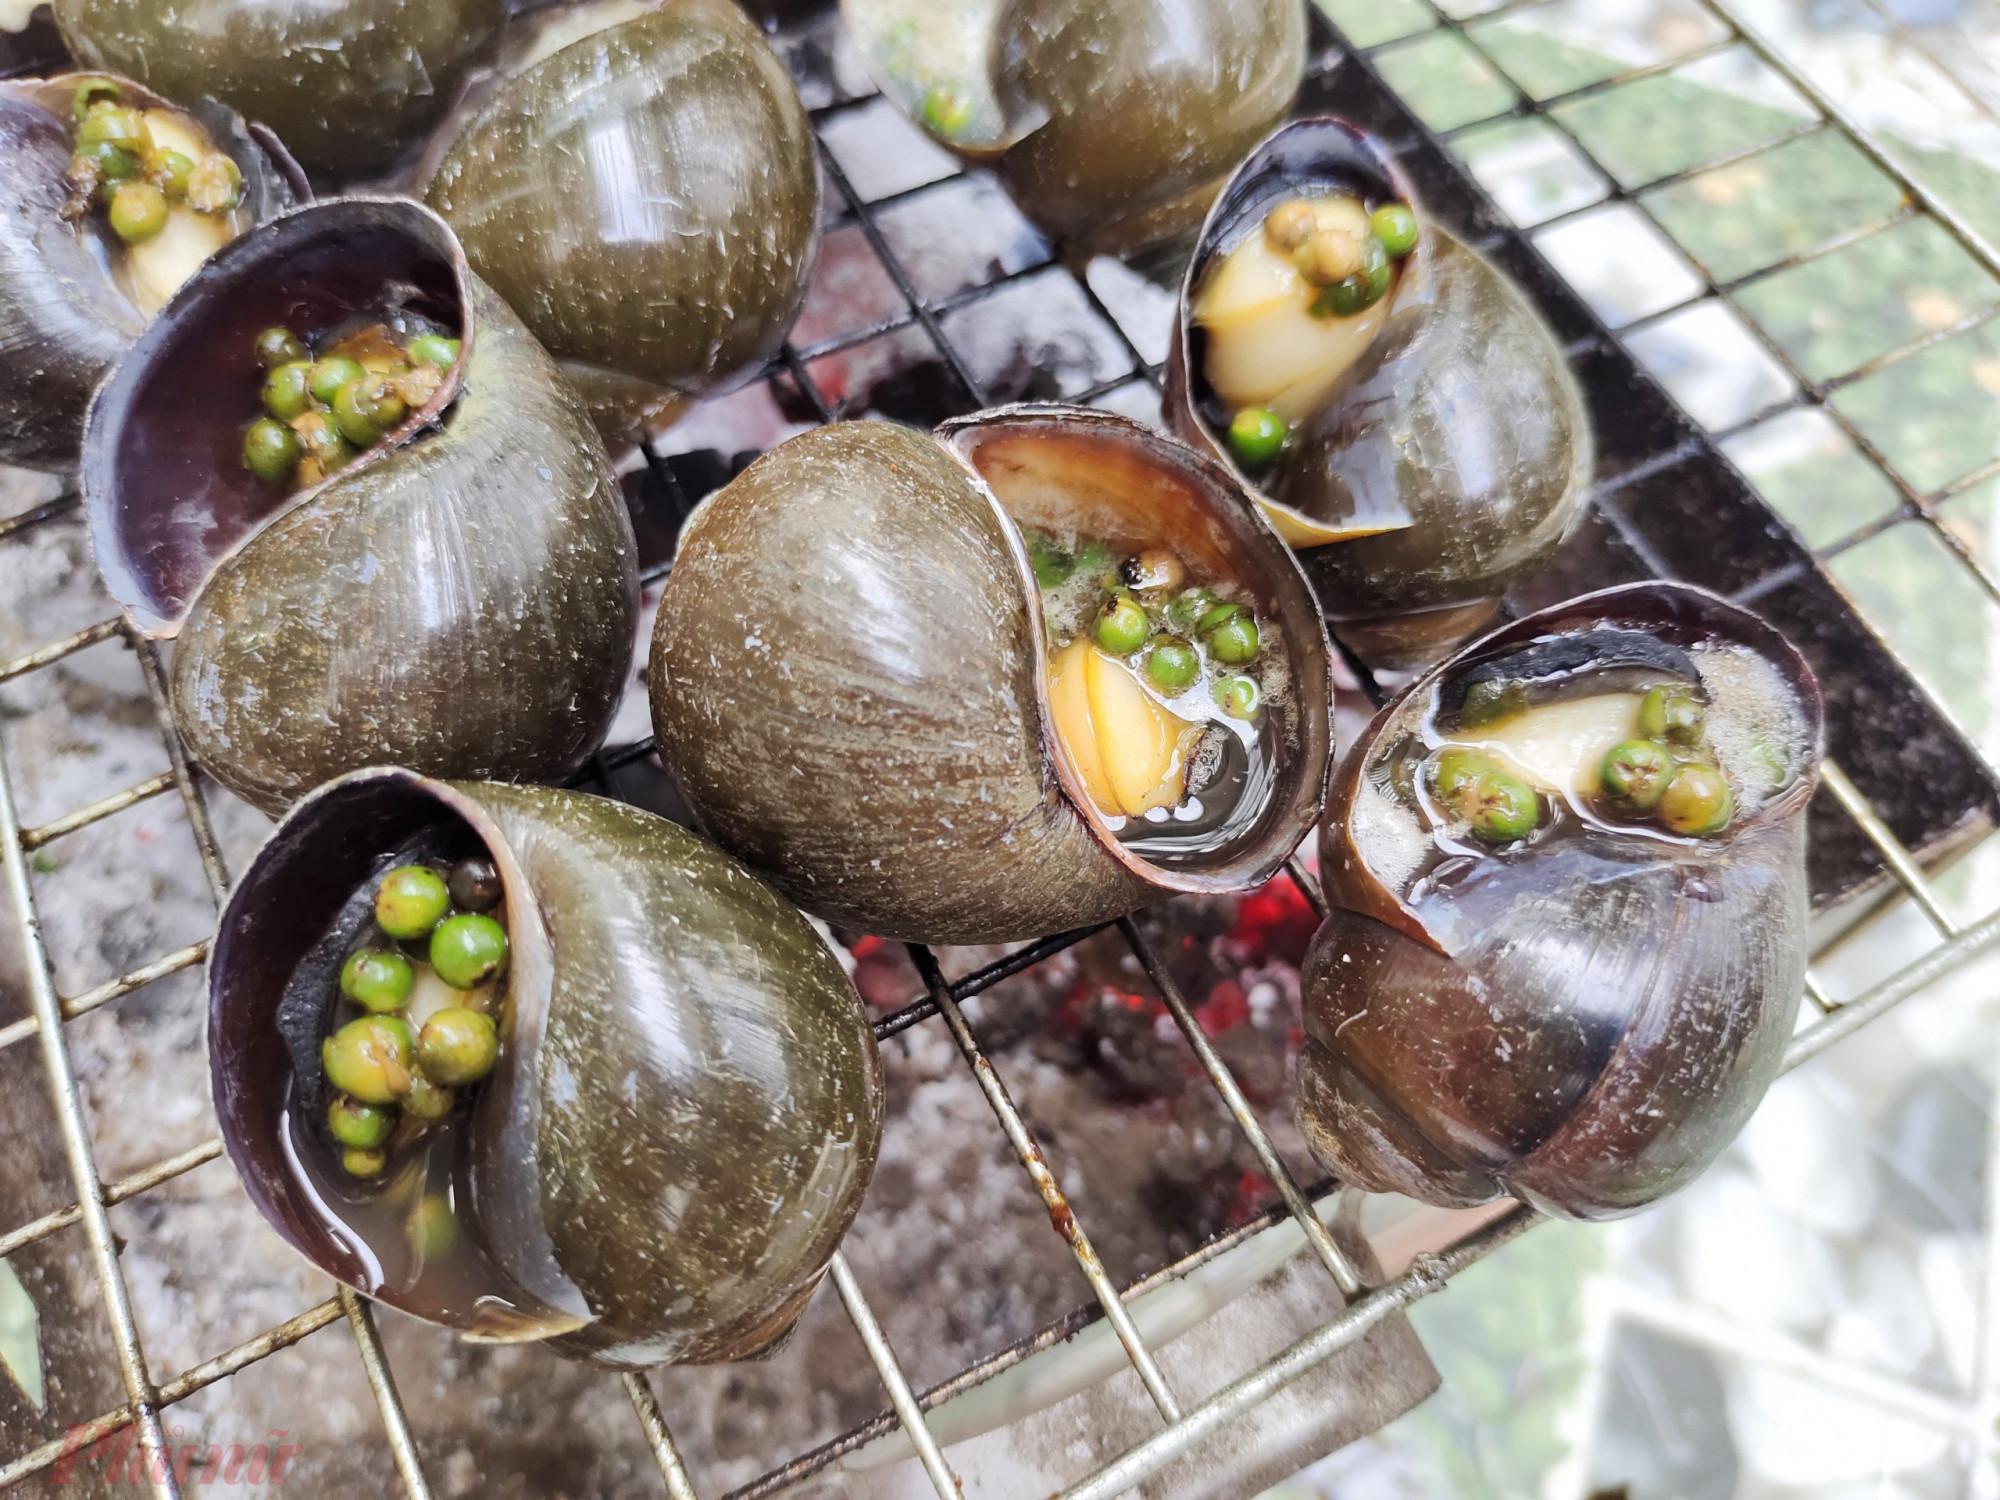 Vị ốc bươu nướng tiêu xanh cay nồng mà ăn vào những ngày mưa thì còn gì bằng.